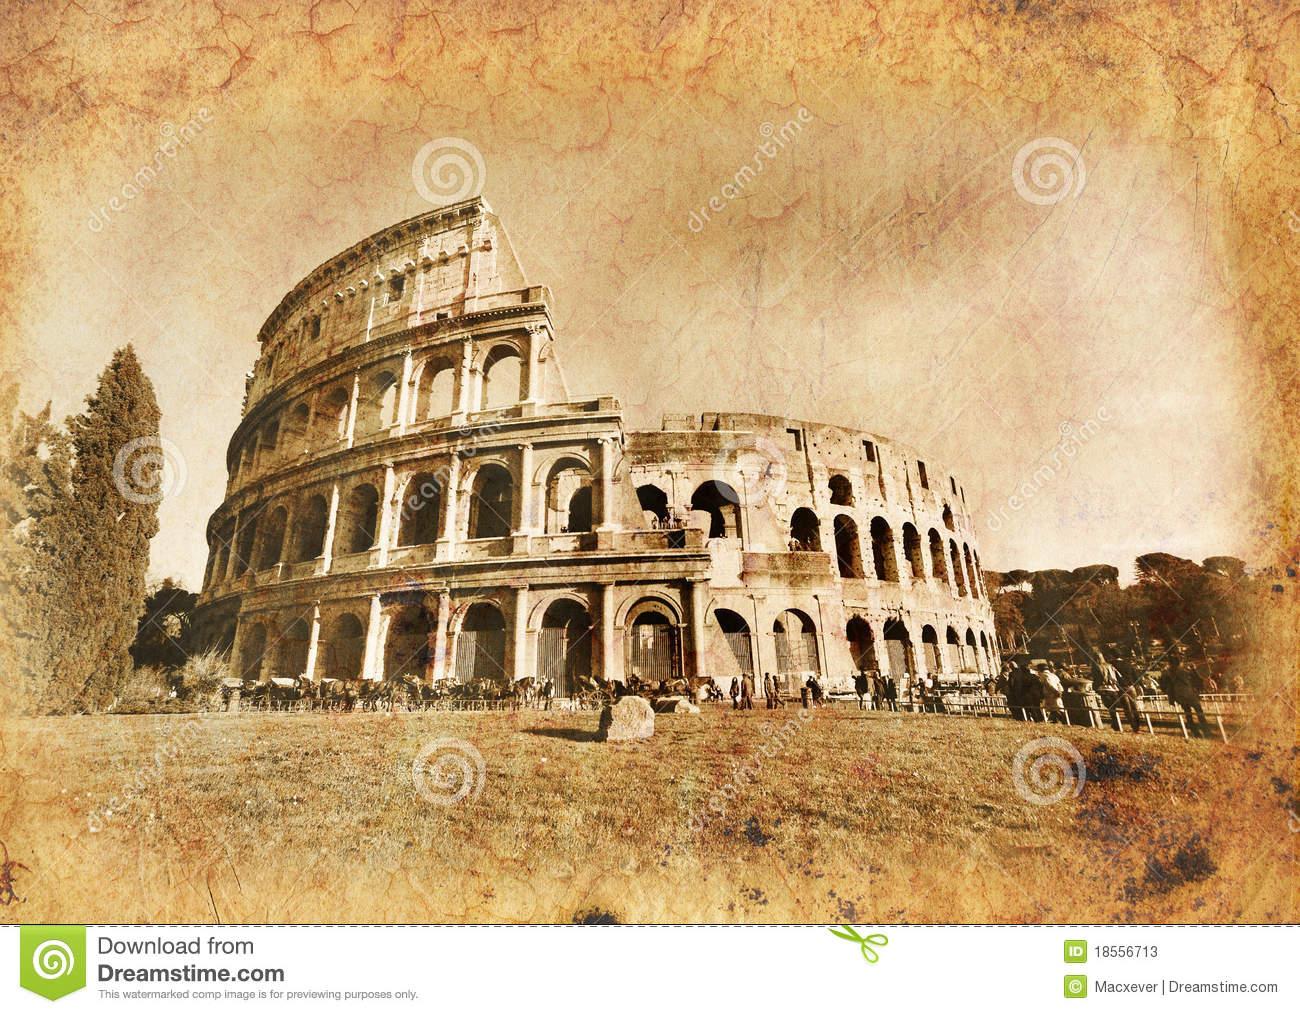 🏛️ Maria Arruda – Guia brasileira em Roma e no Vaticano